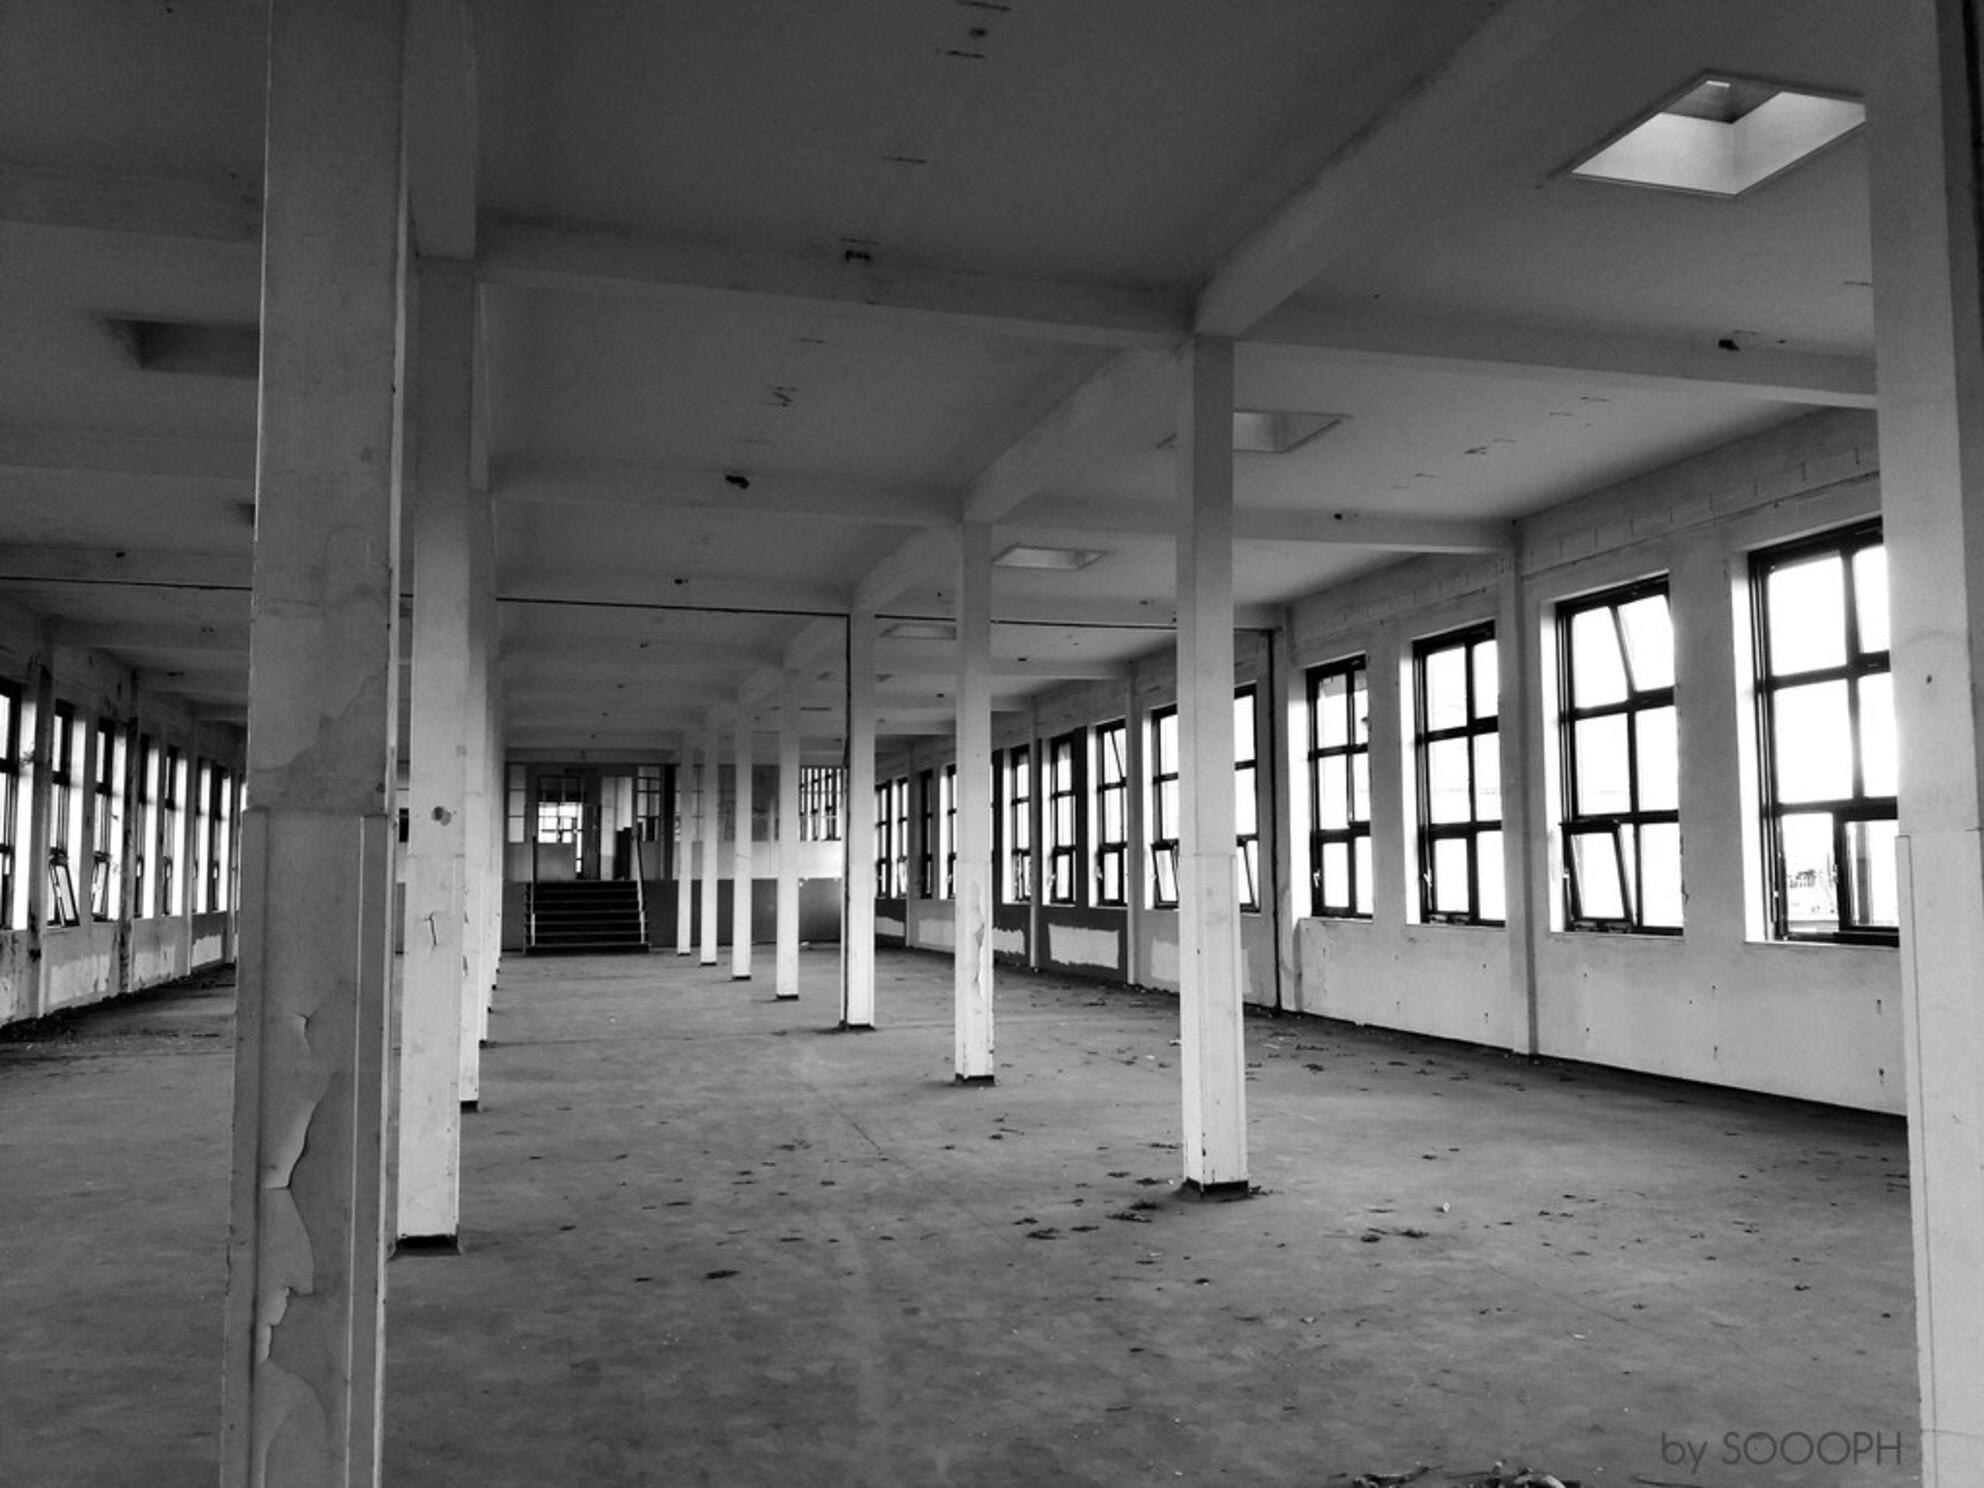 stilte - - - foto door sophieroessingh op 17-04-2017 - deze foto bevat: oud, lijnen, architectuur, gebouw, stad, zwartwit, fabriek, straatfotografie, verlaten, vervallen, urbex, urban exploring